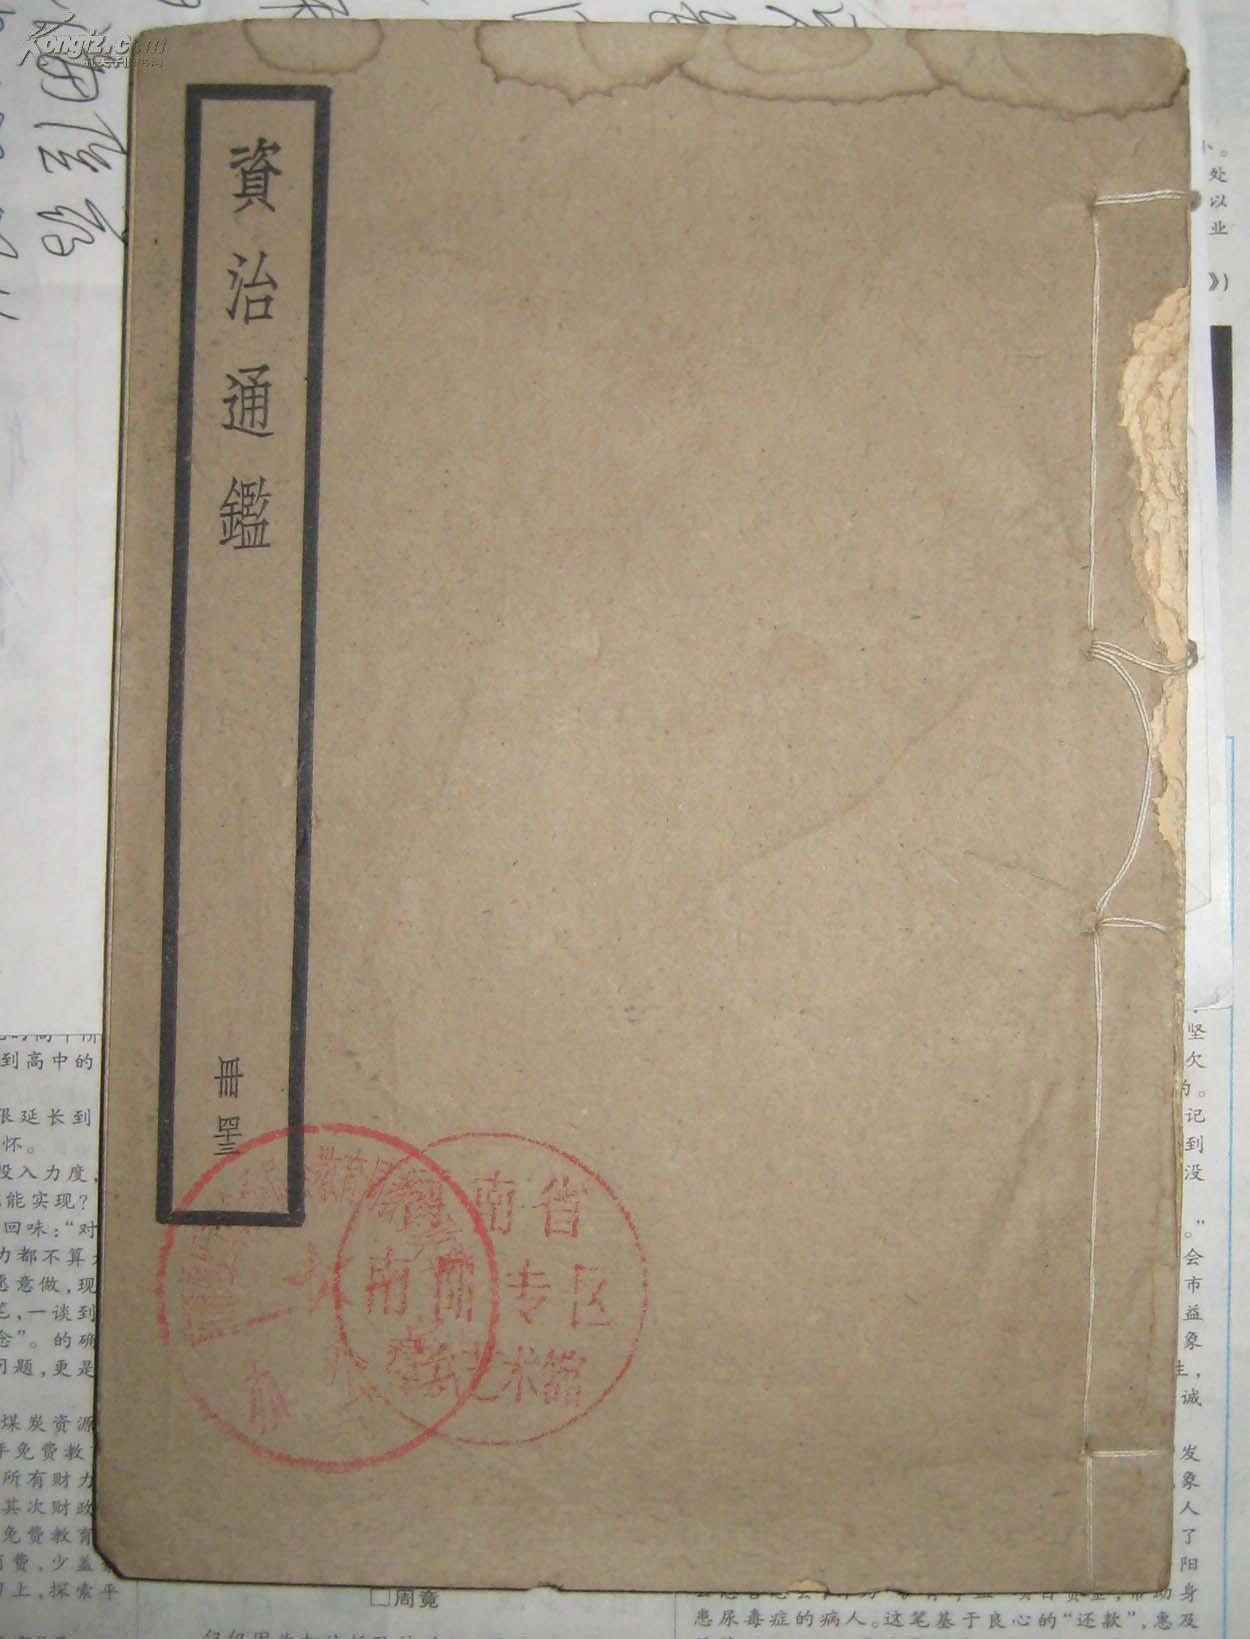 中华书局聚珍仿宋版《资治通鉴》(第36册和43册,封底有民国广告,两册合计300元)